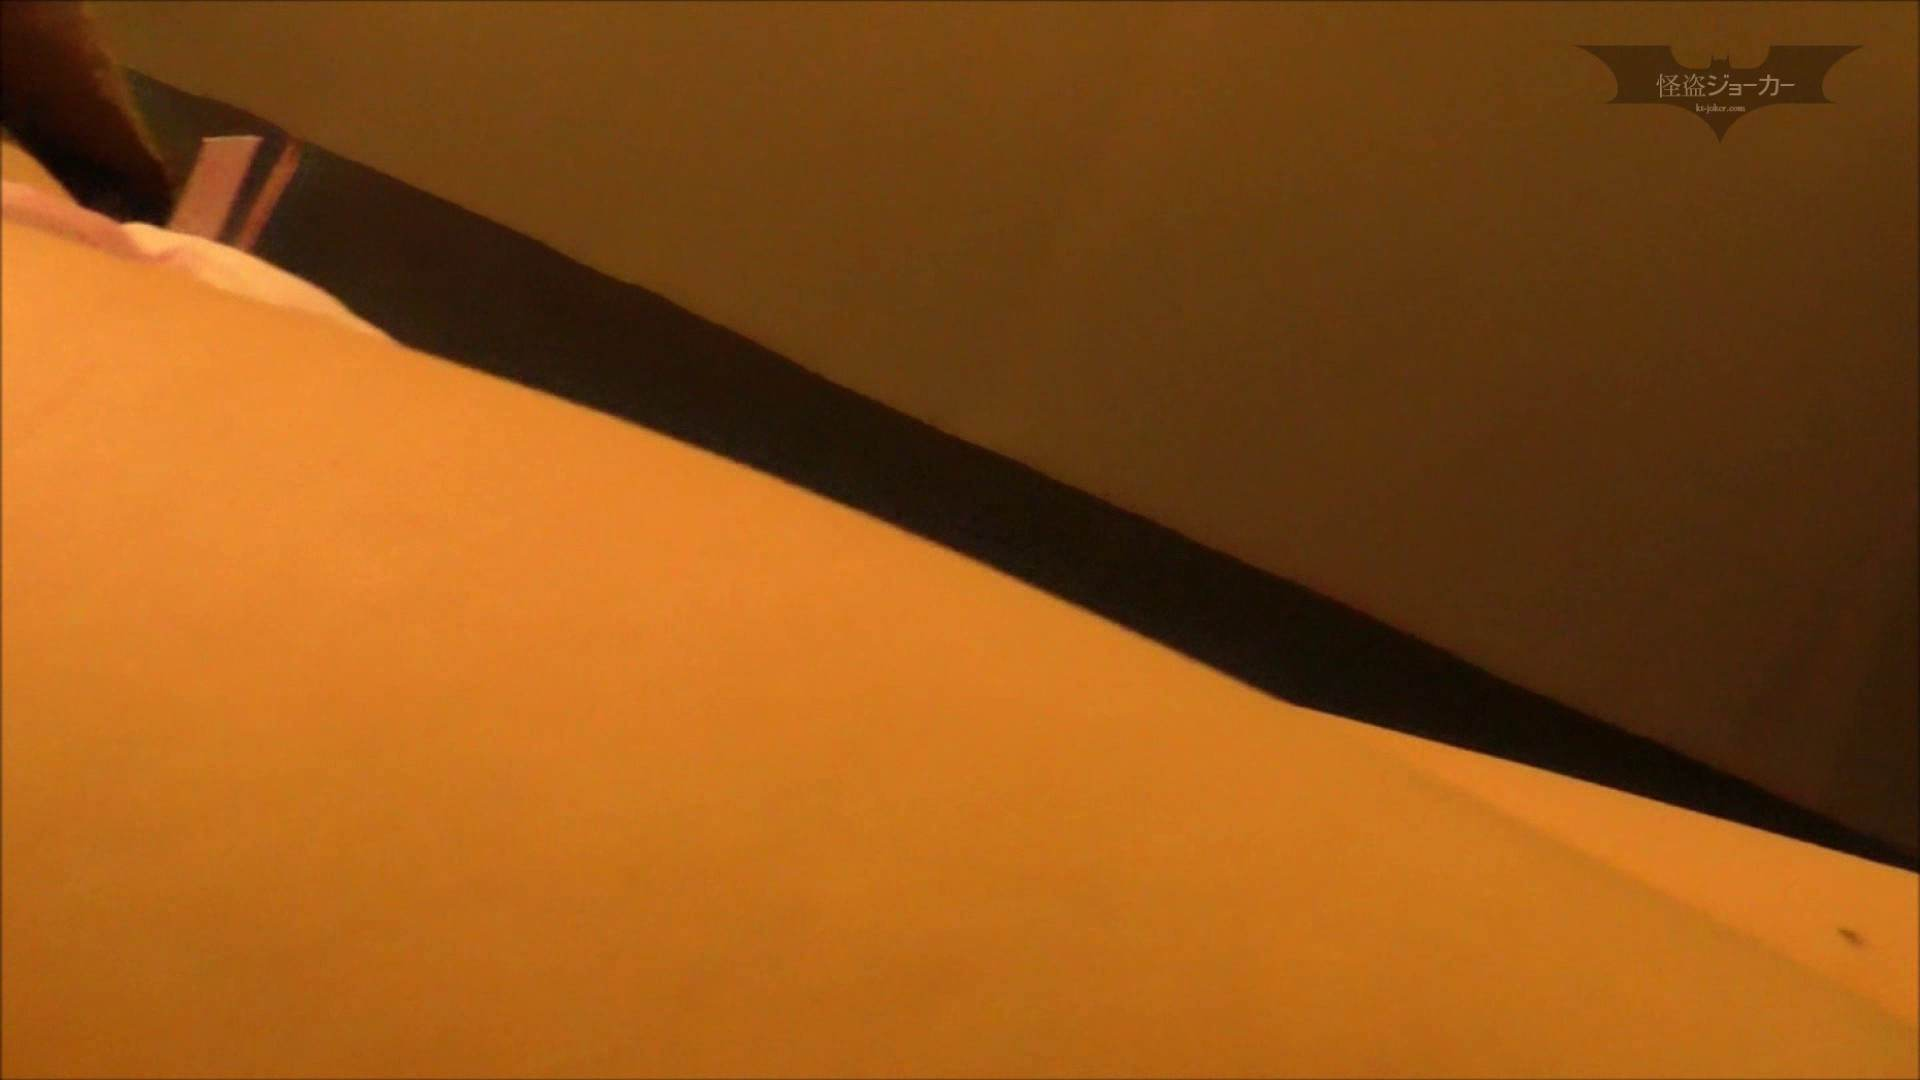 悪戯ネットカフェ Vol.06 若目狙って魔法でGO!! イタズラ すけべAV動画紹介 101画像 87